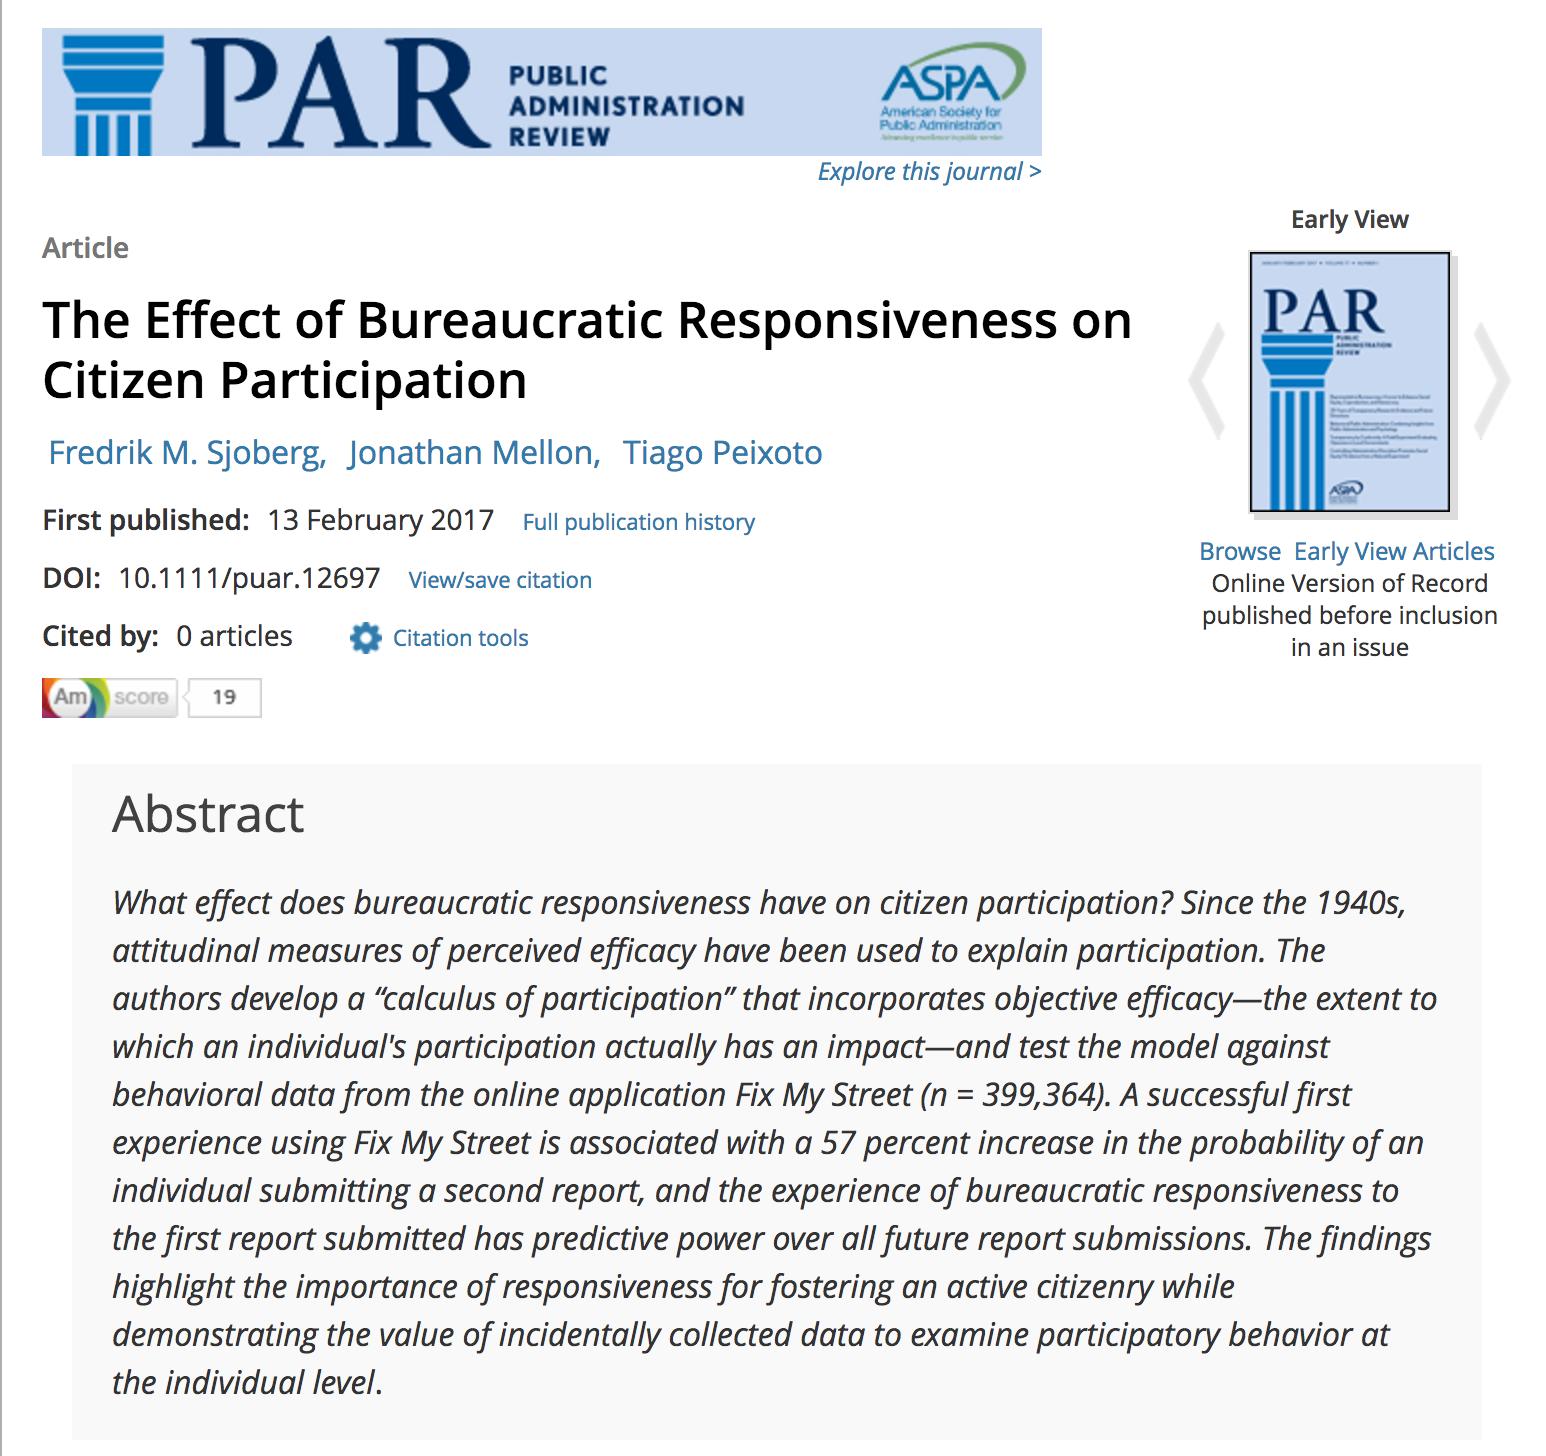 parart-responsiveness-participation